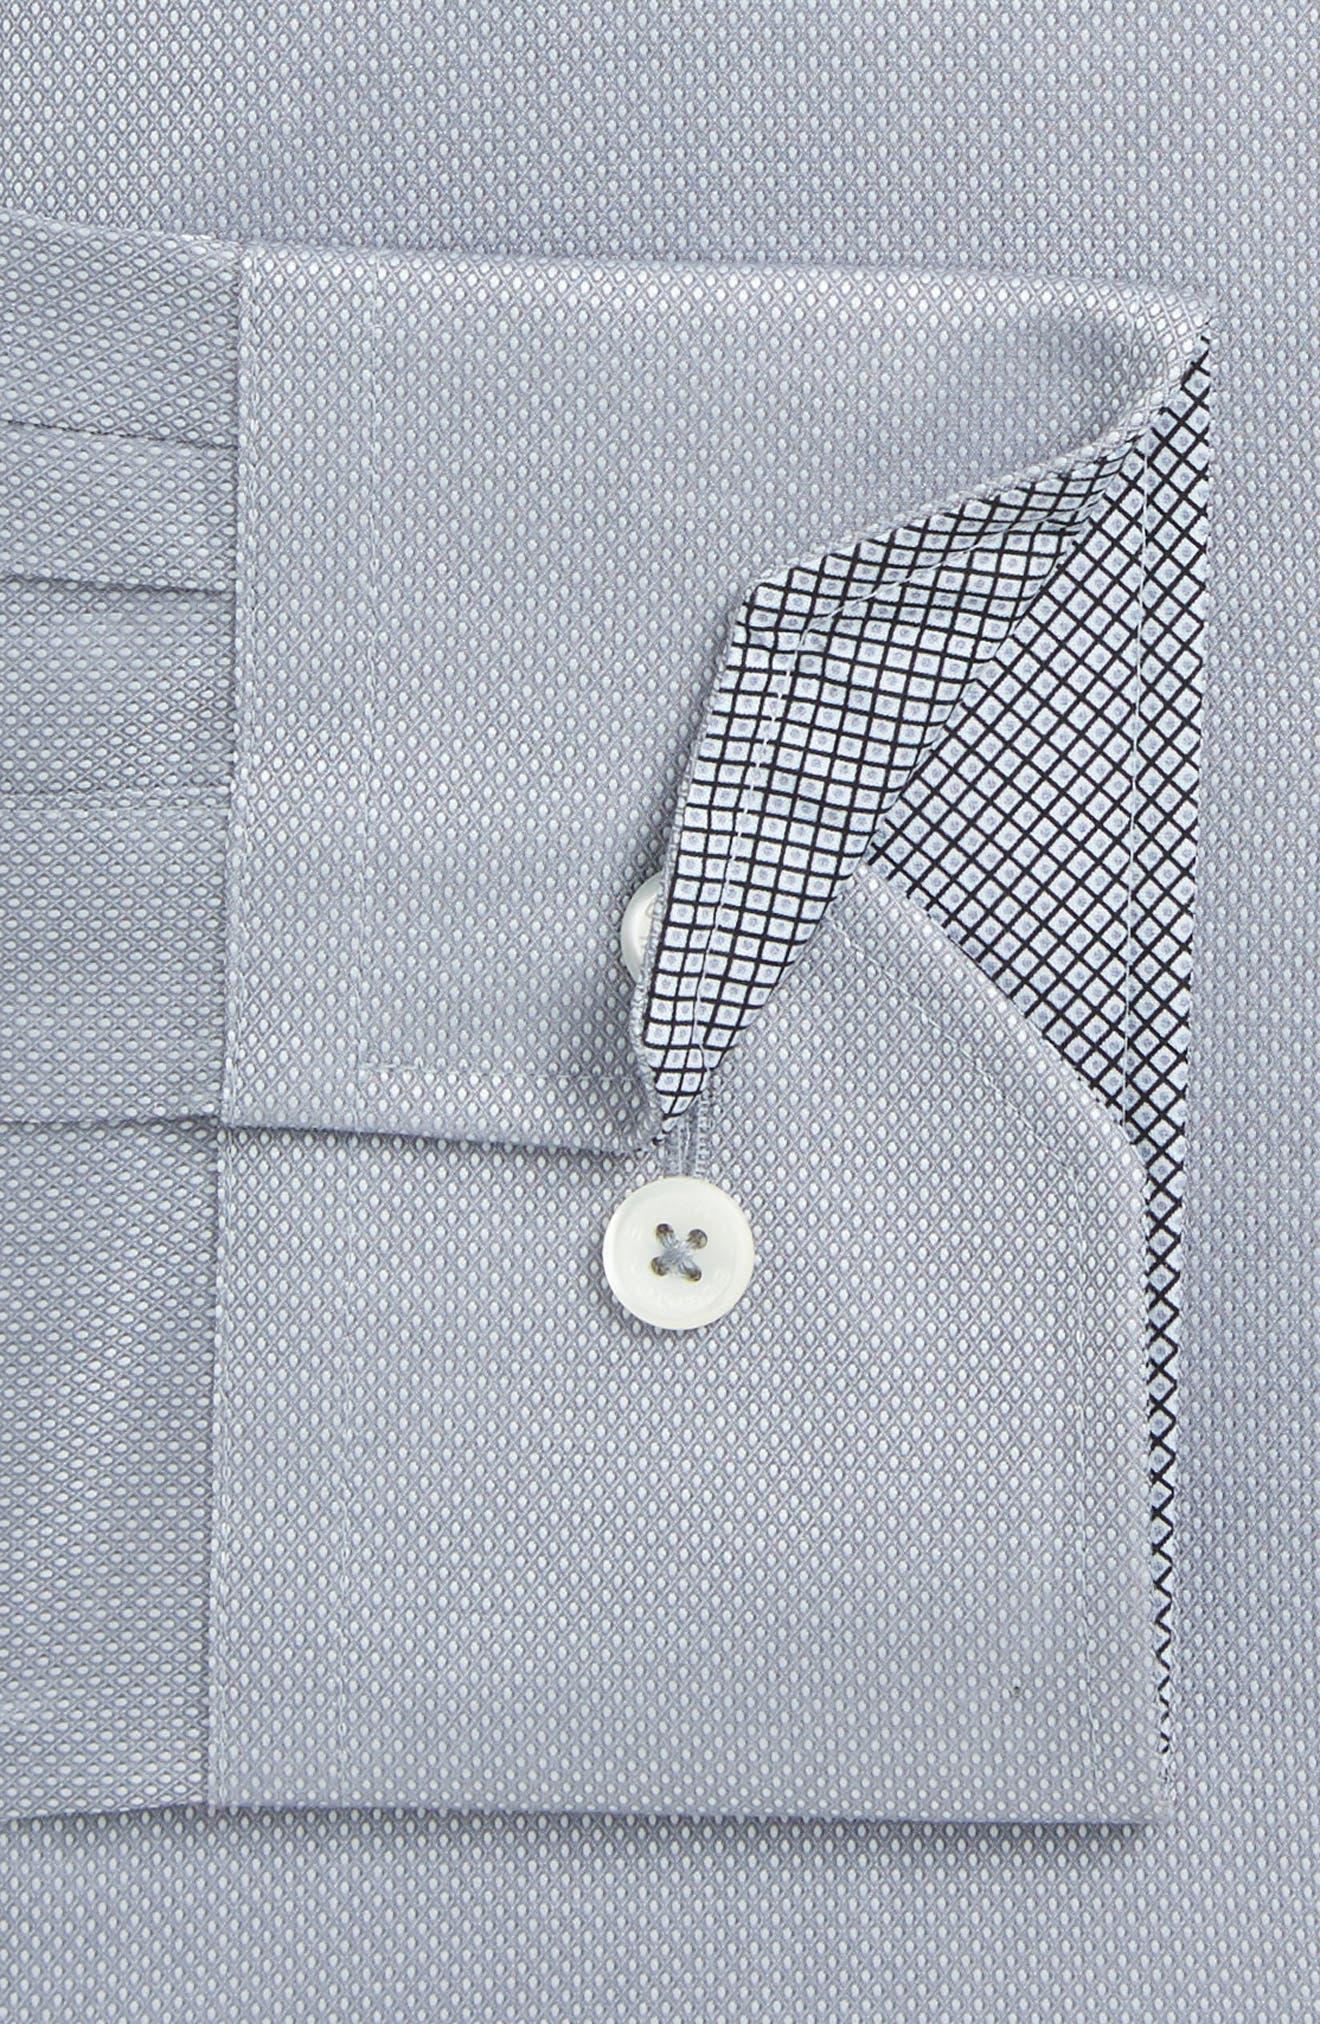 Trim Fit Solid Dress Shirt,                             Alternate thumbnail 2, color,                             Platinum